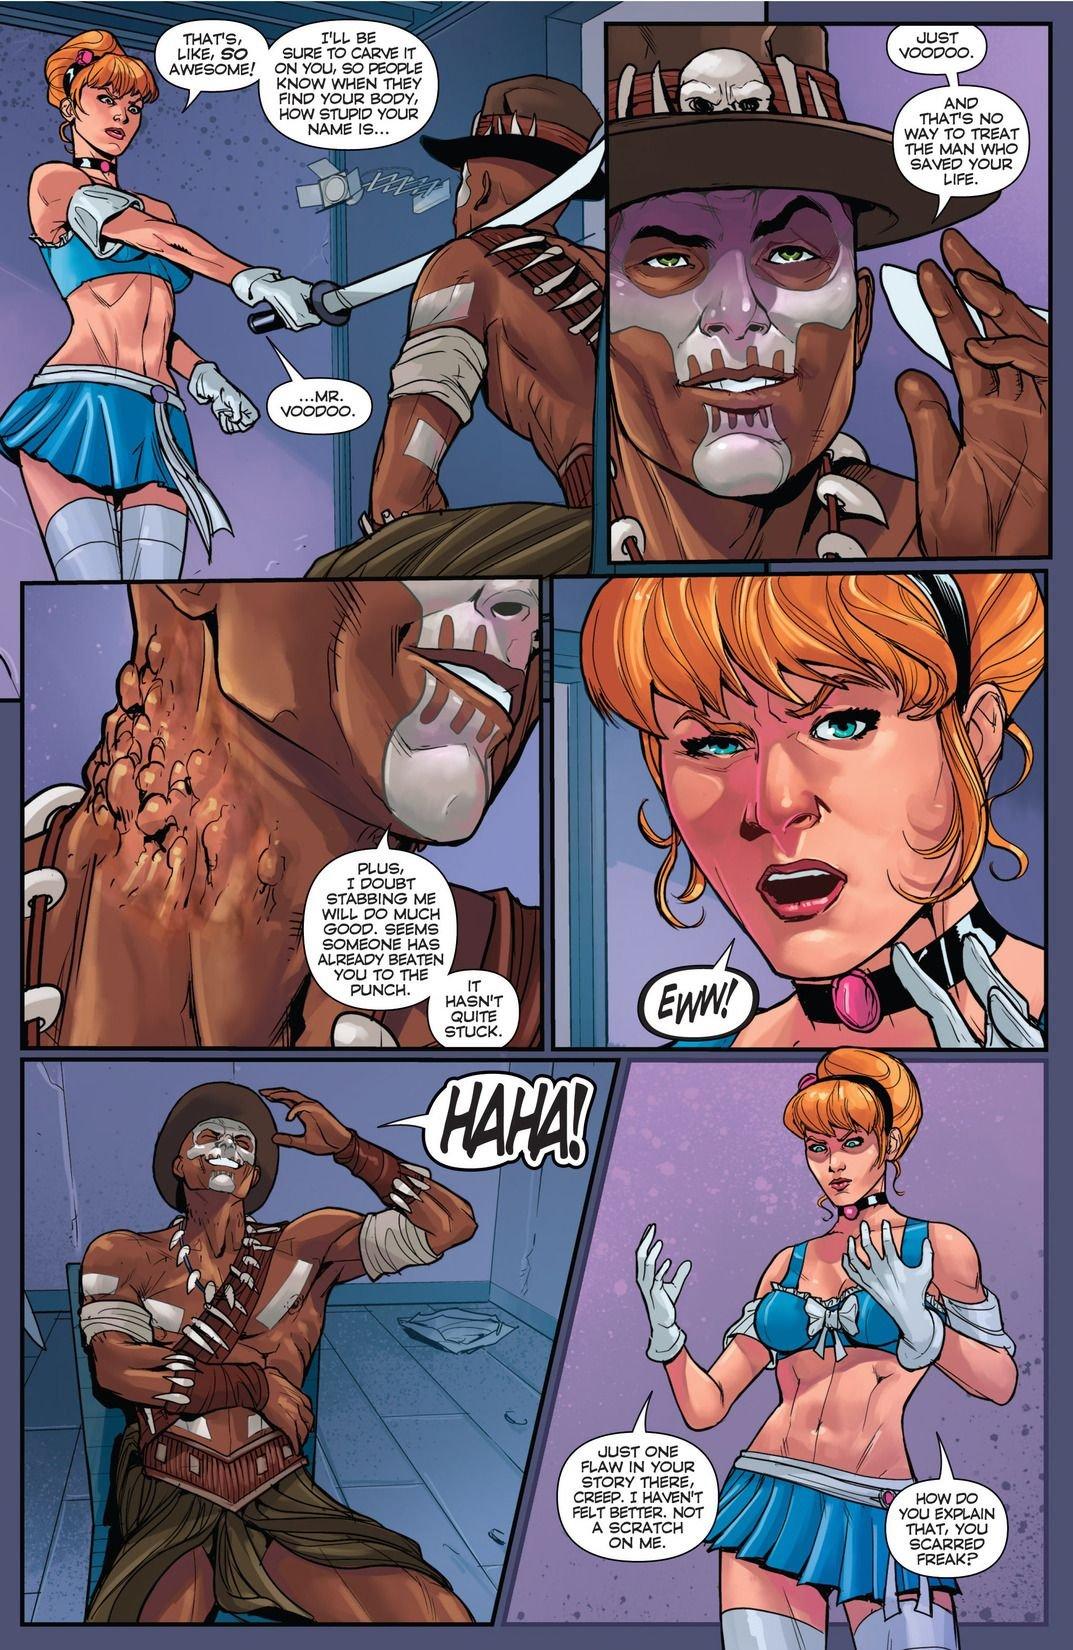 Cinderella Serial Killer Princess #1 (Comic) Review 5